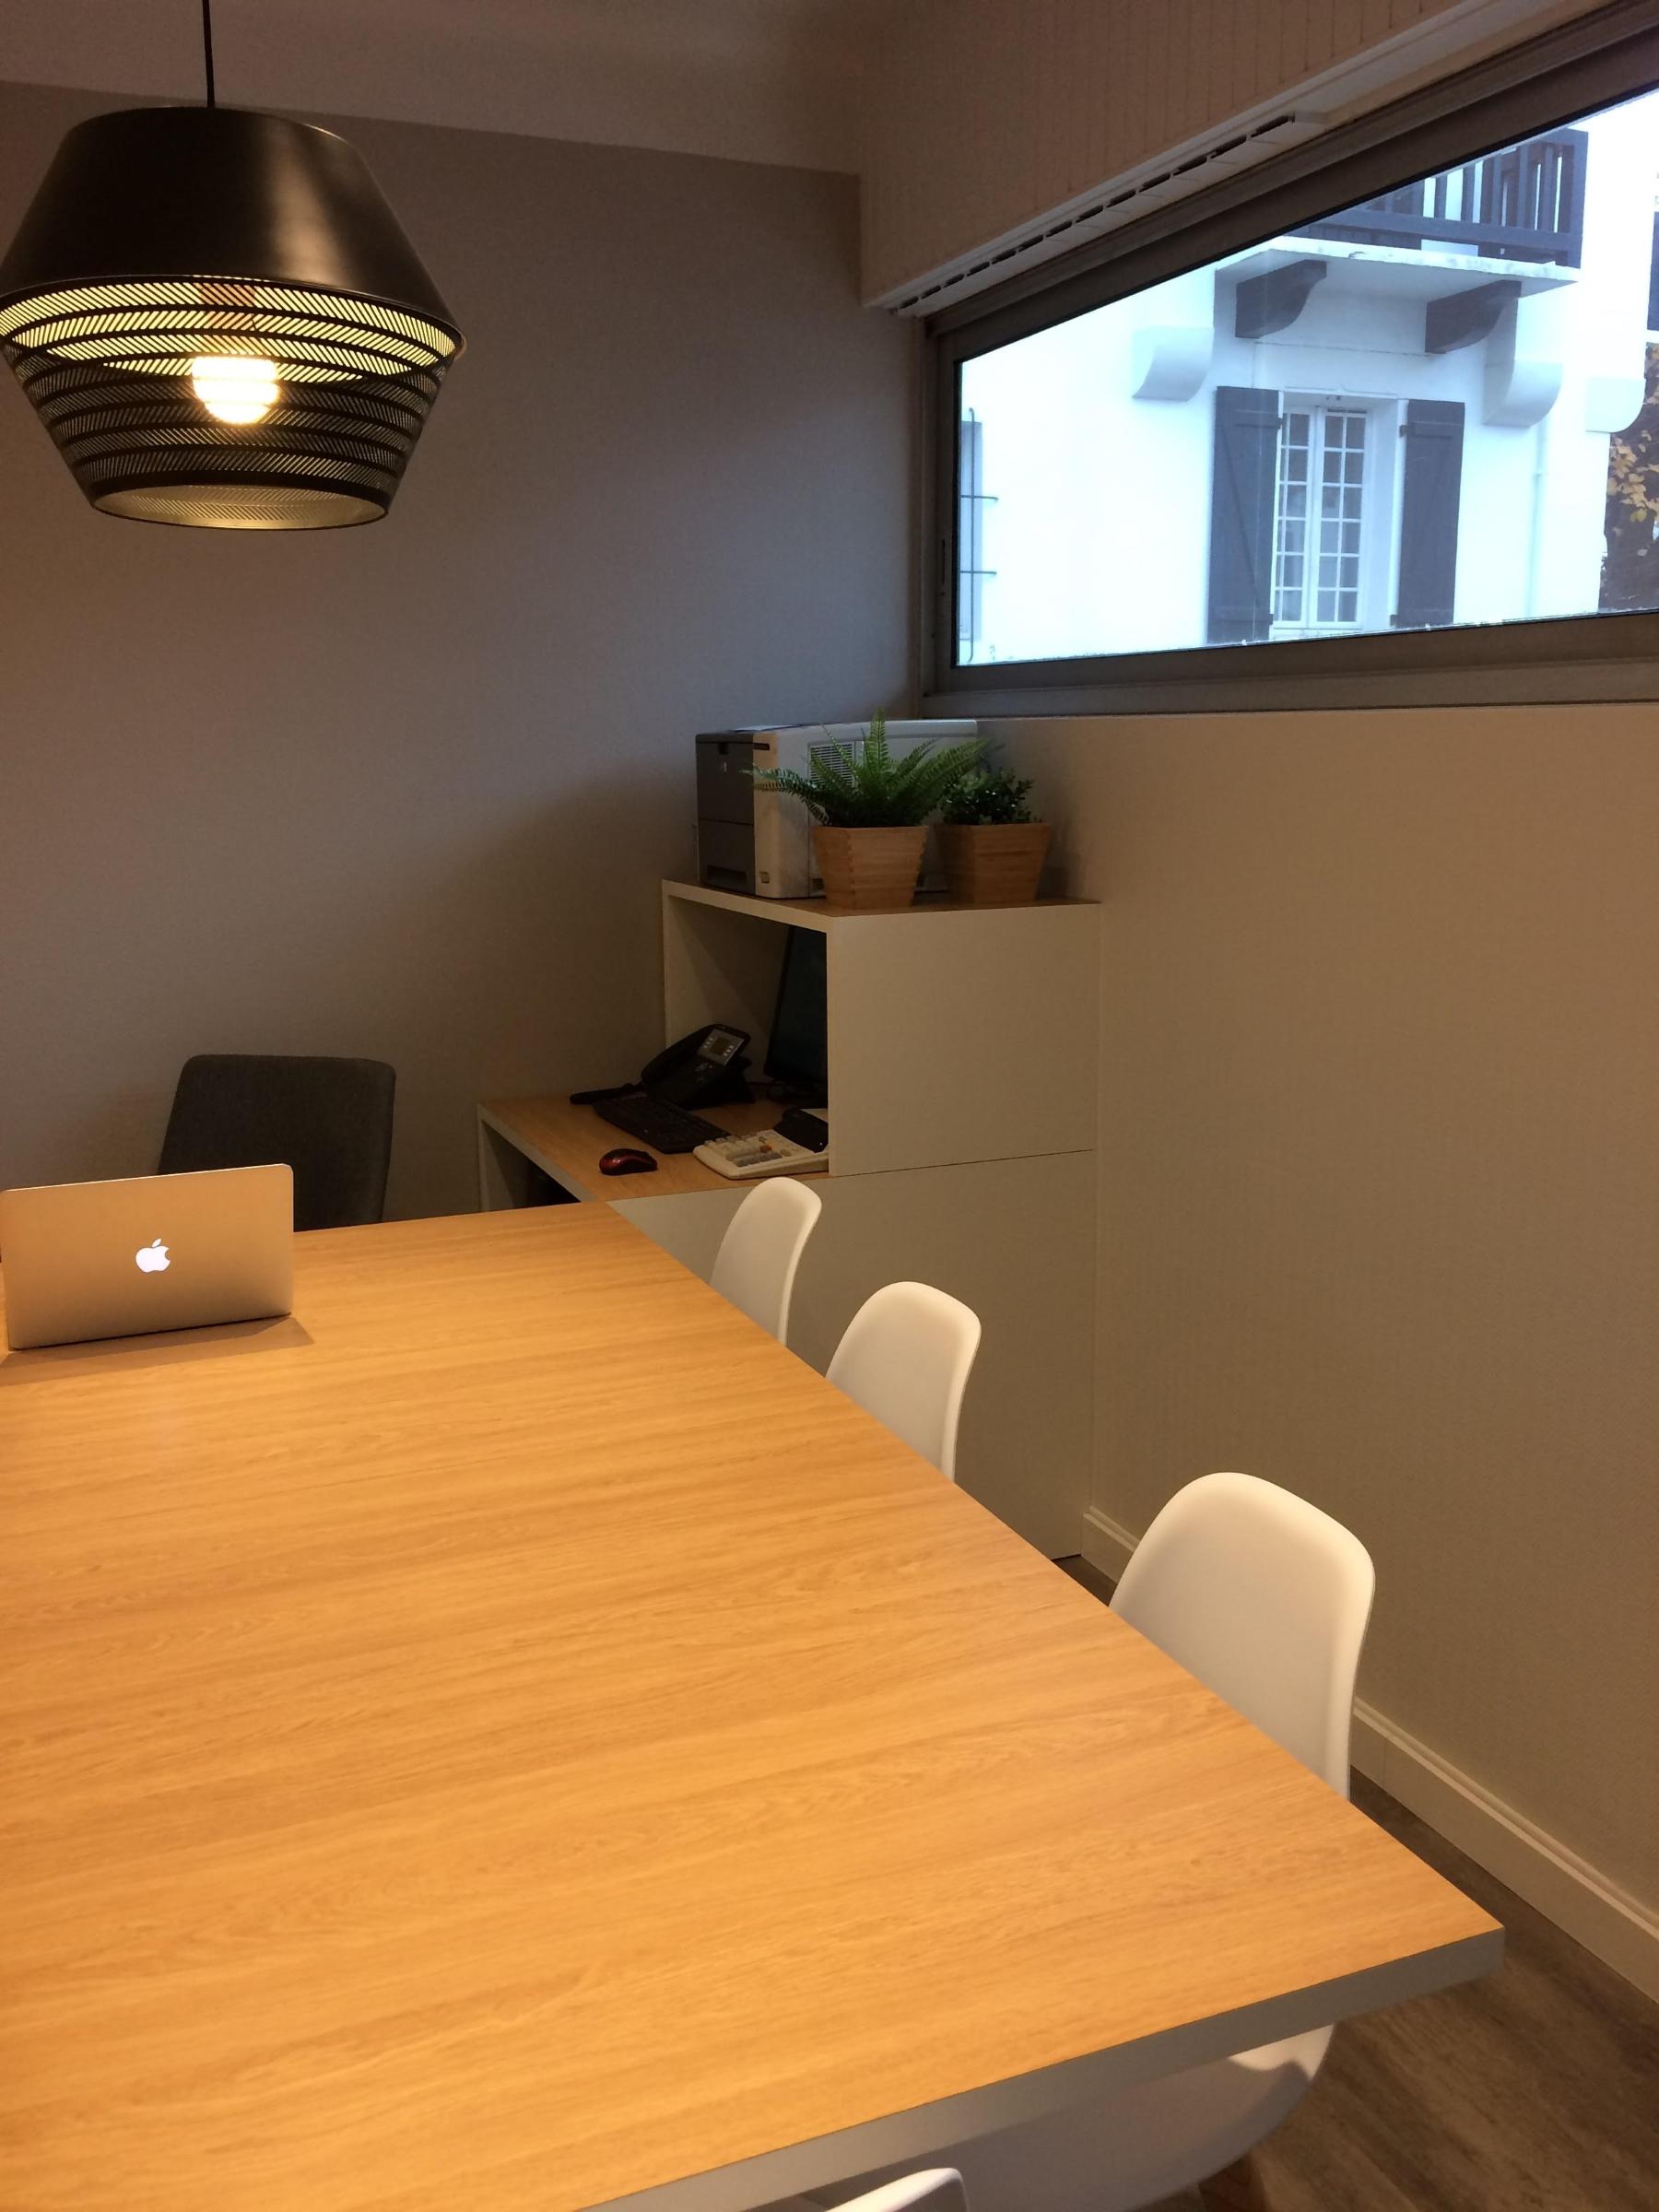 fabrication-sur-mesure-agencement-bureaux-menuiseries-darrieumerlou-menuisiers-biarritz-anglet-bayonne-alentours-10